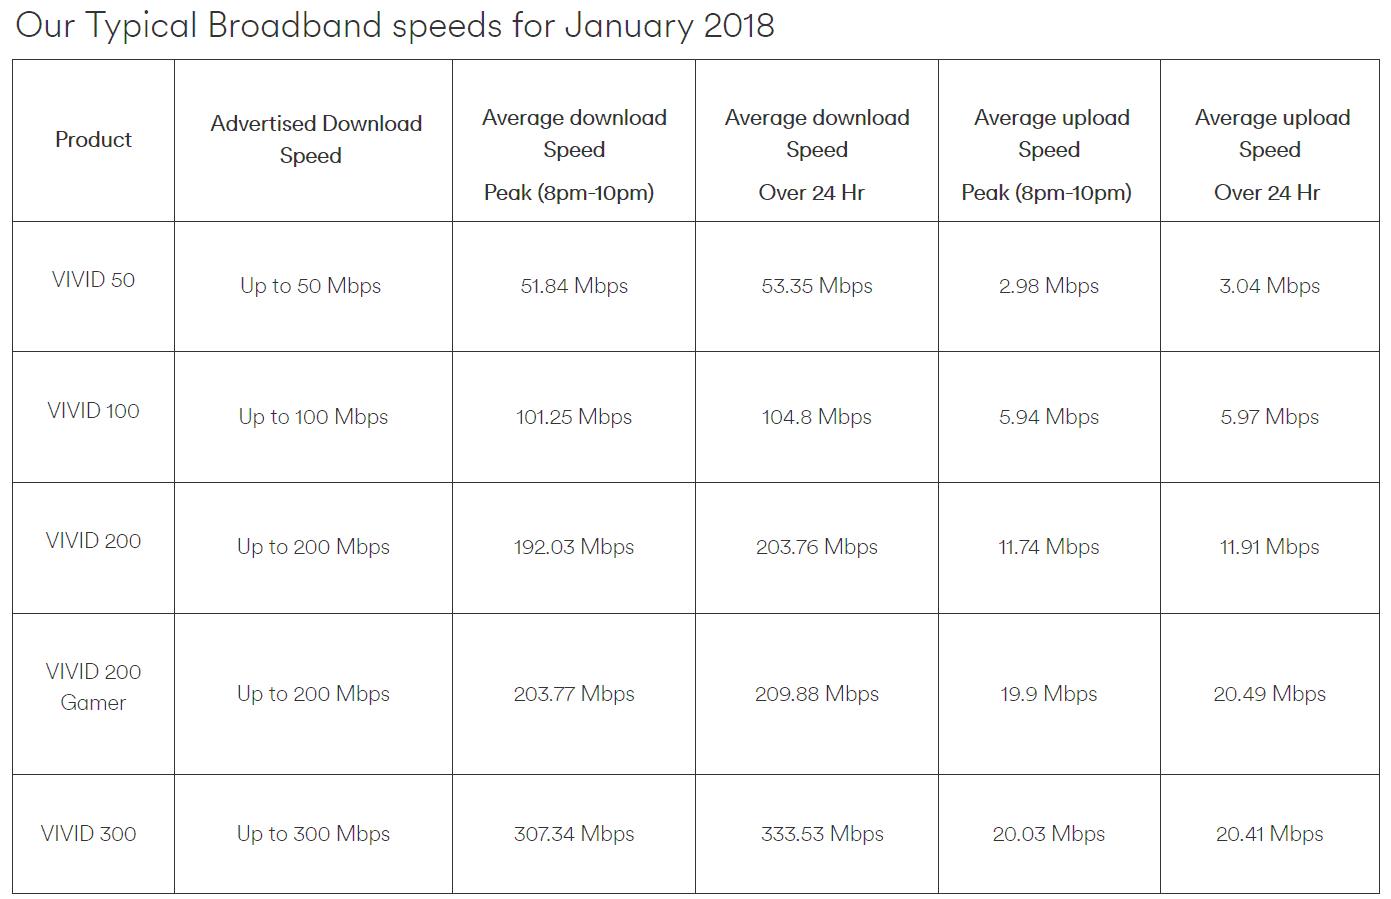 virgin media uk jan 2018 average broadband speeds